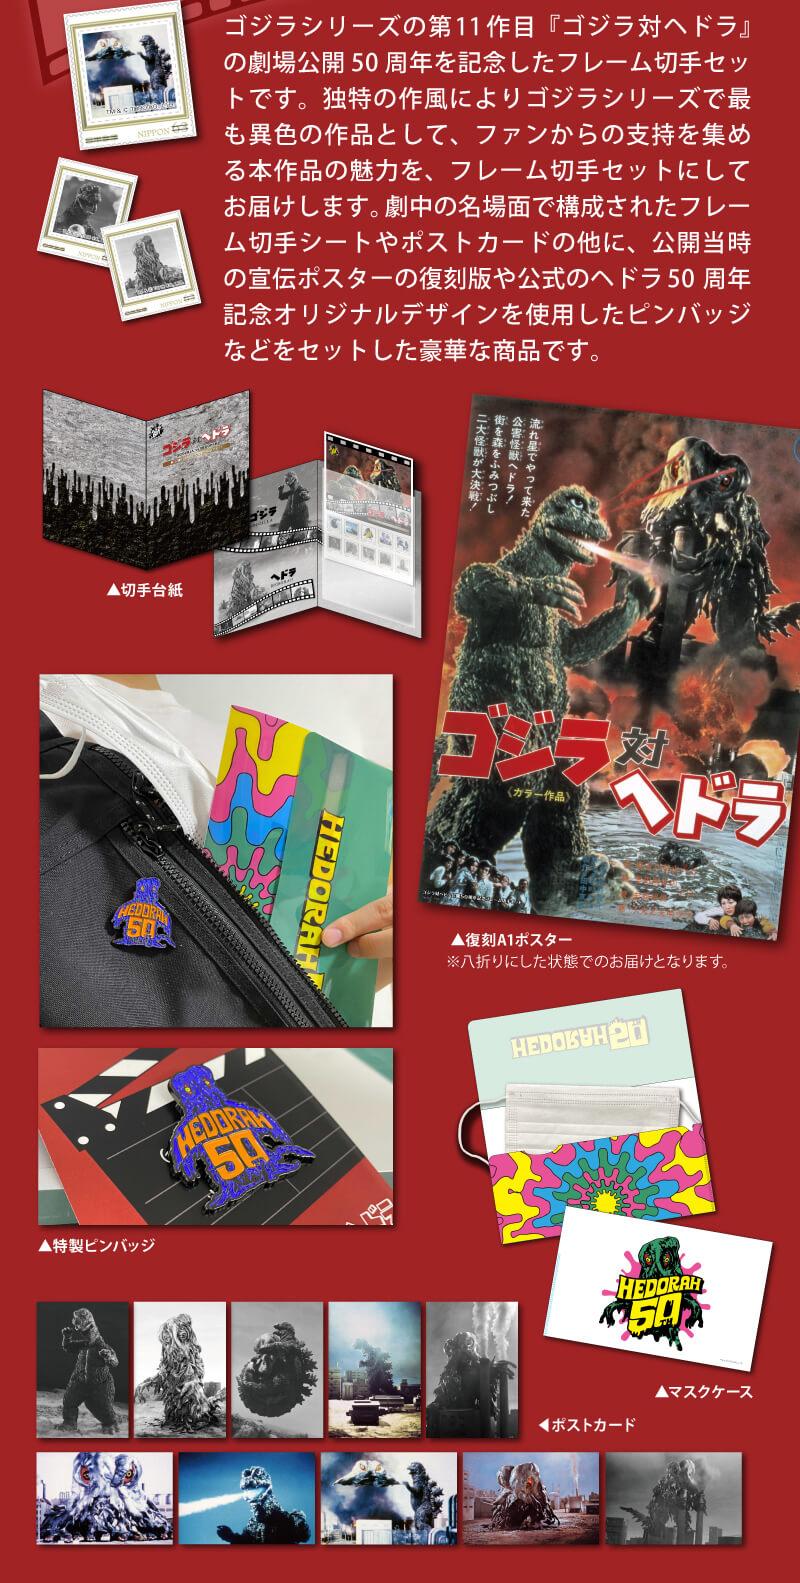 ゴジラシリーズの第11作目『ゴジラ対ヘドラ』の劇場公開50周年を記念したフレーム切手セットです。